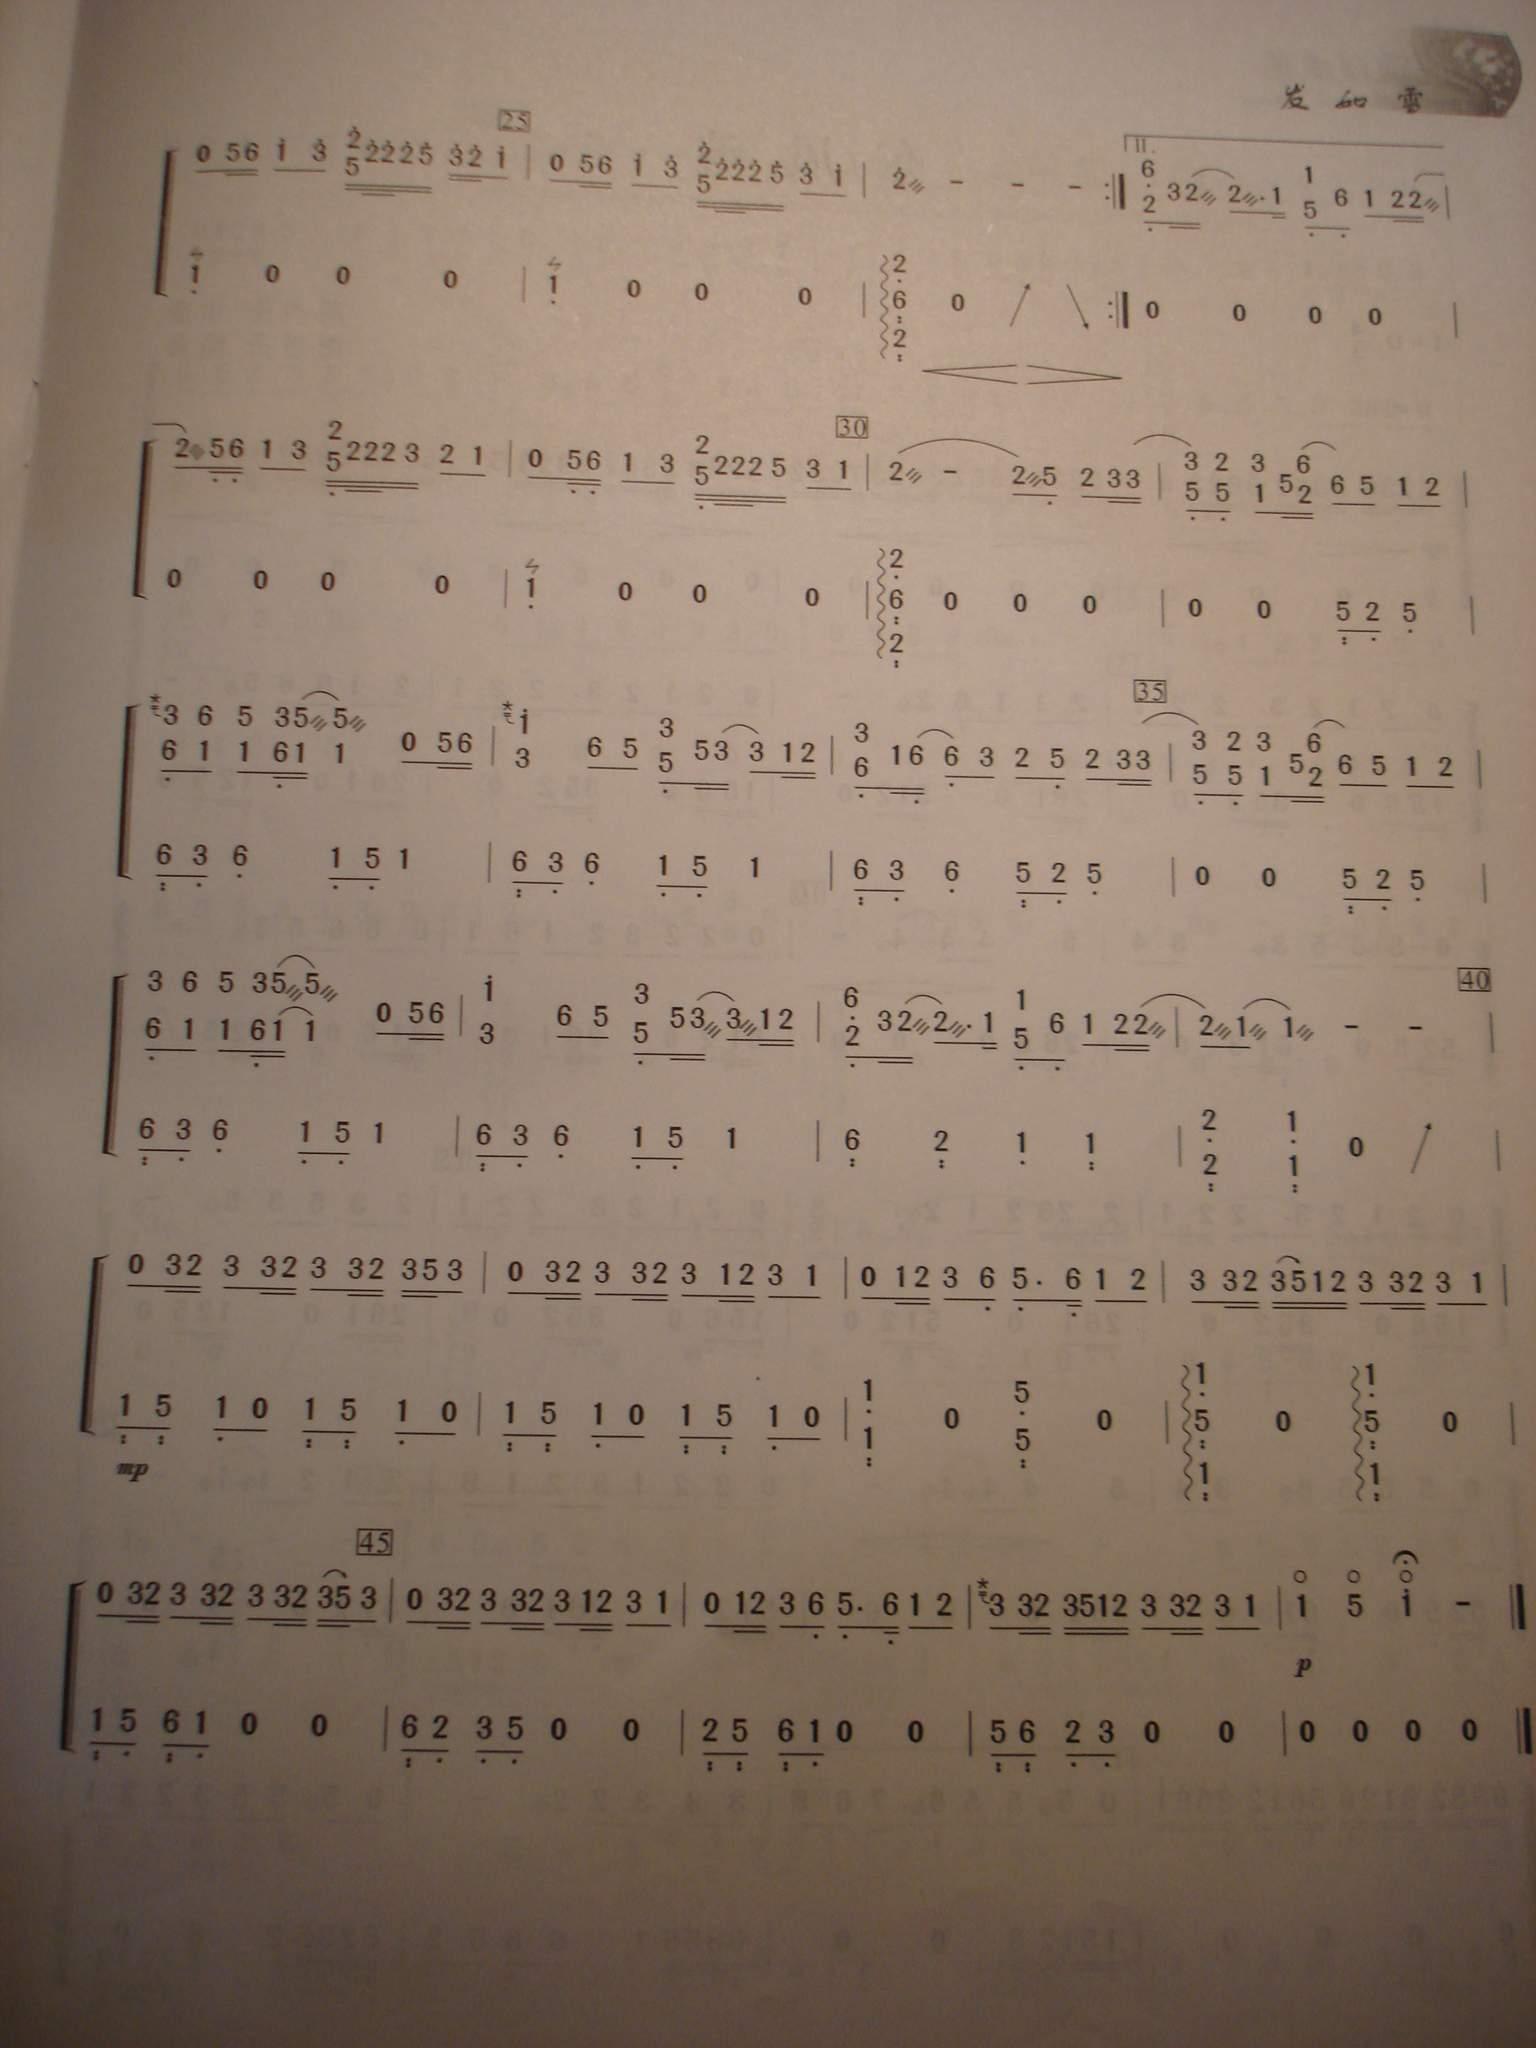 葫芦丝曲谱 江湖葫芦丝曲谱 青花瓷葫芦丝曲谱高清图片